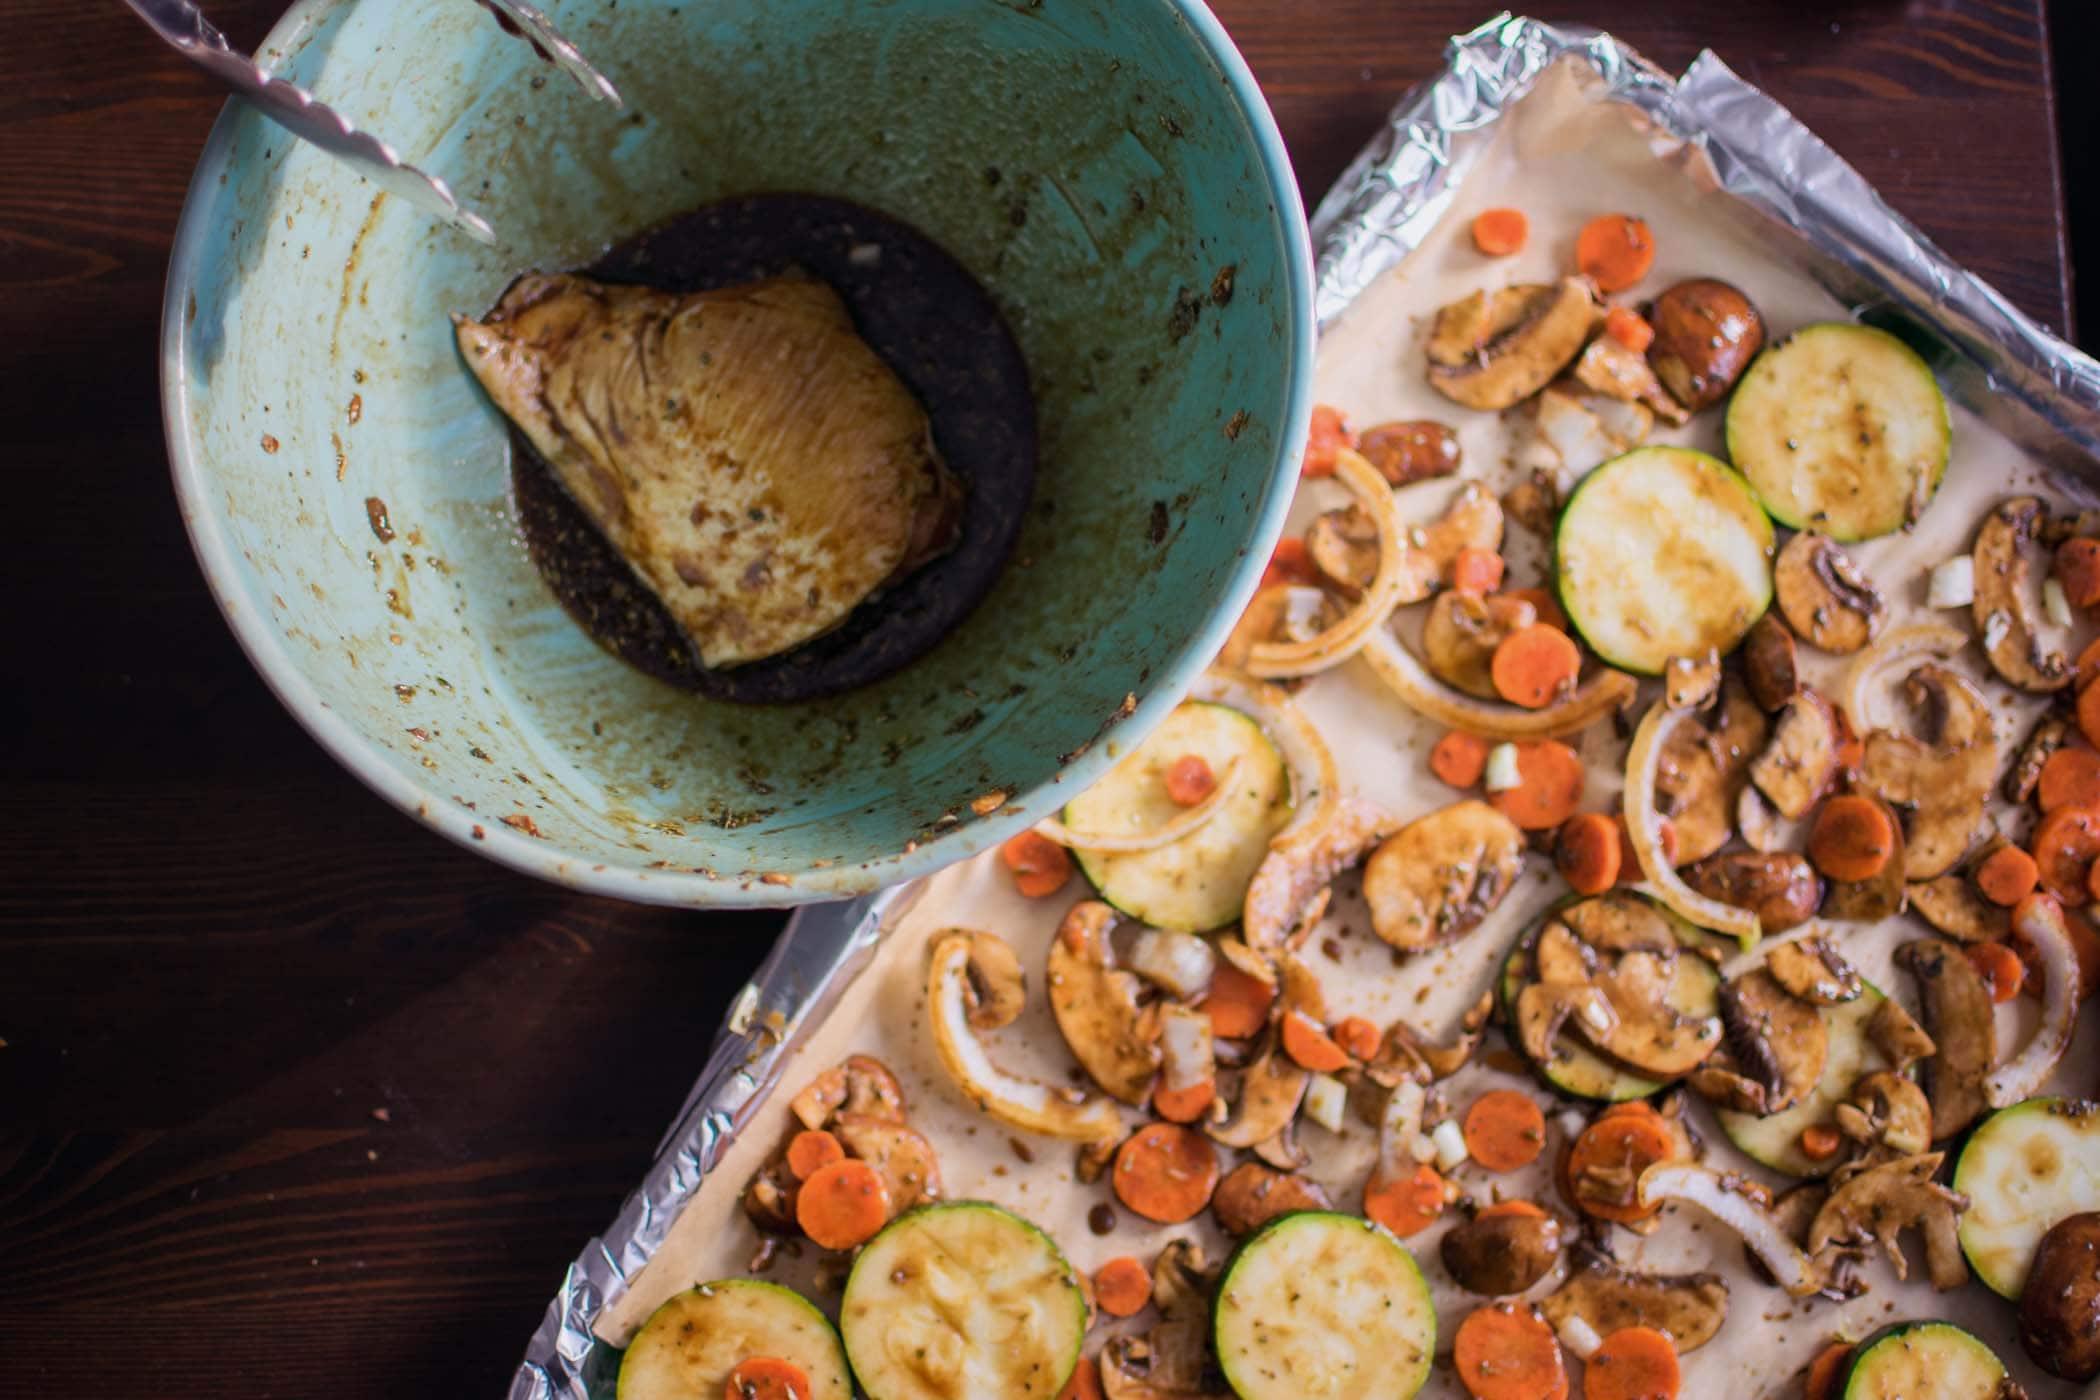 Sheet Pan Dinner: Balsamic Chicken